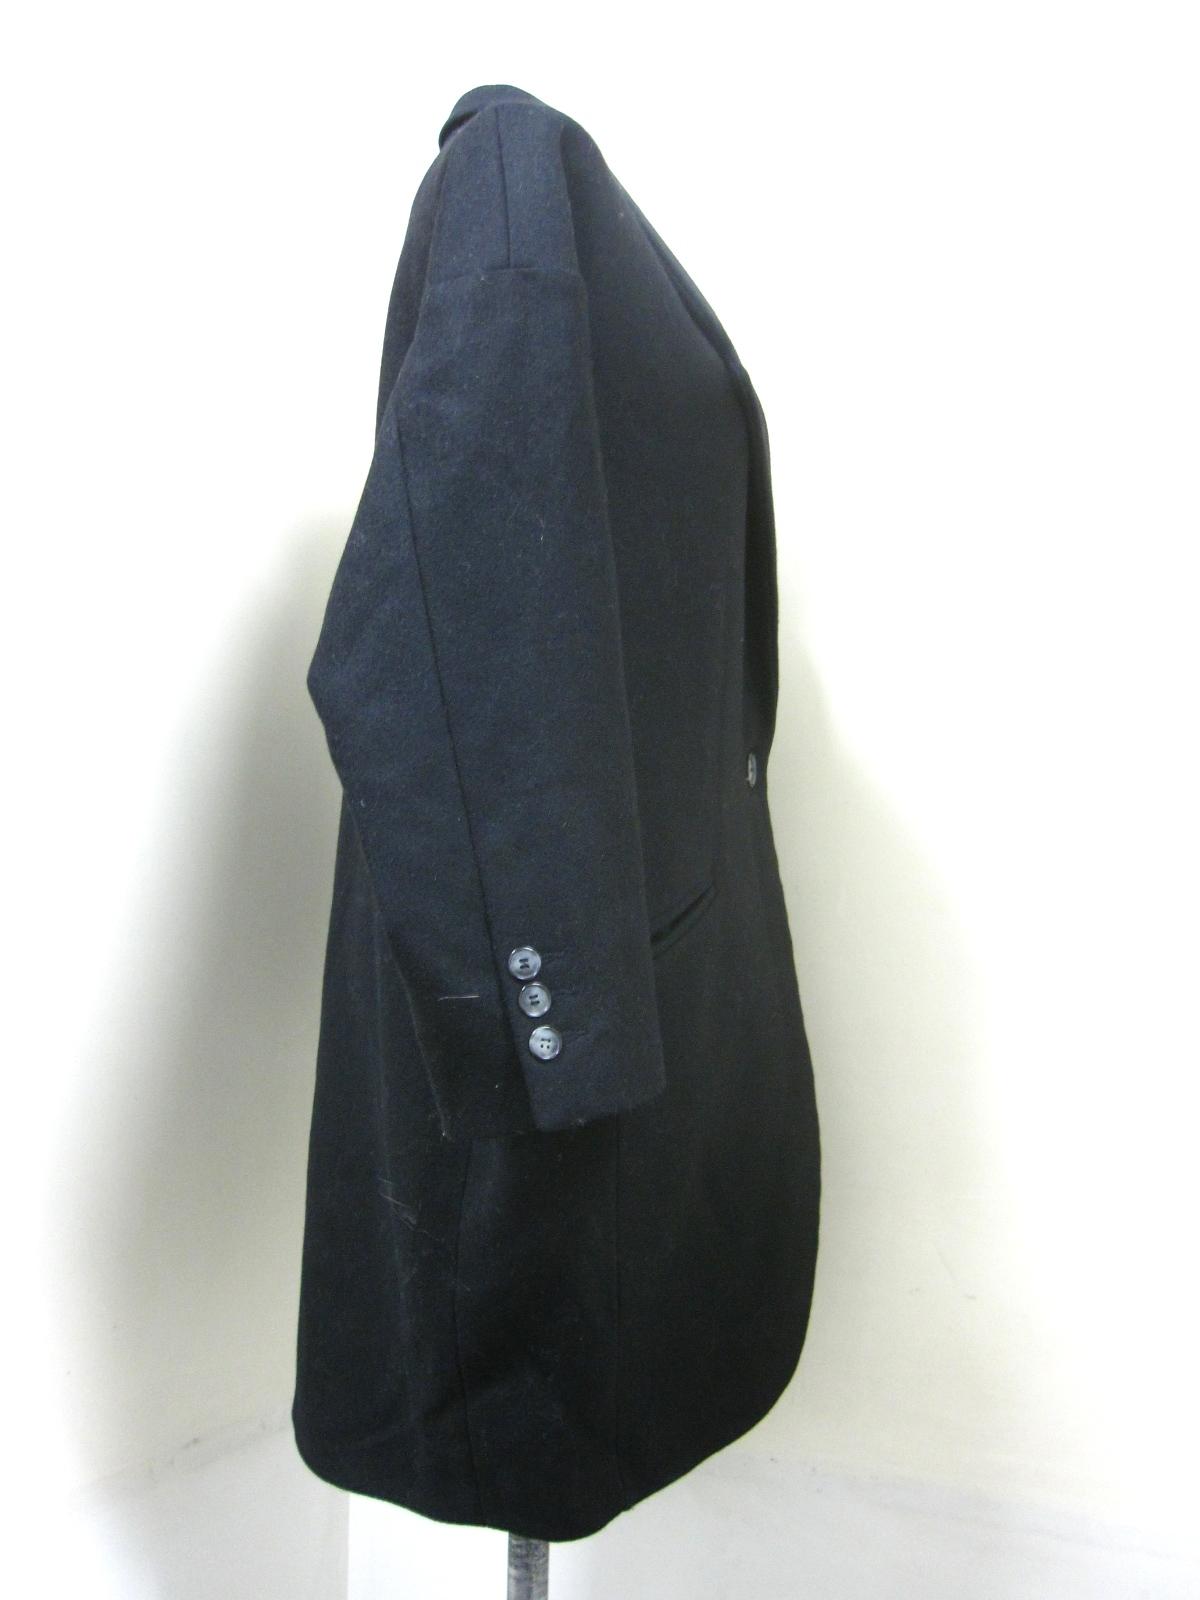 STUDIONICHOLSON(スタジオニコルソン)のコート